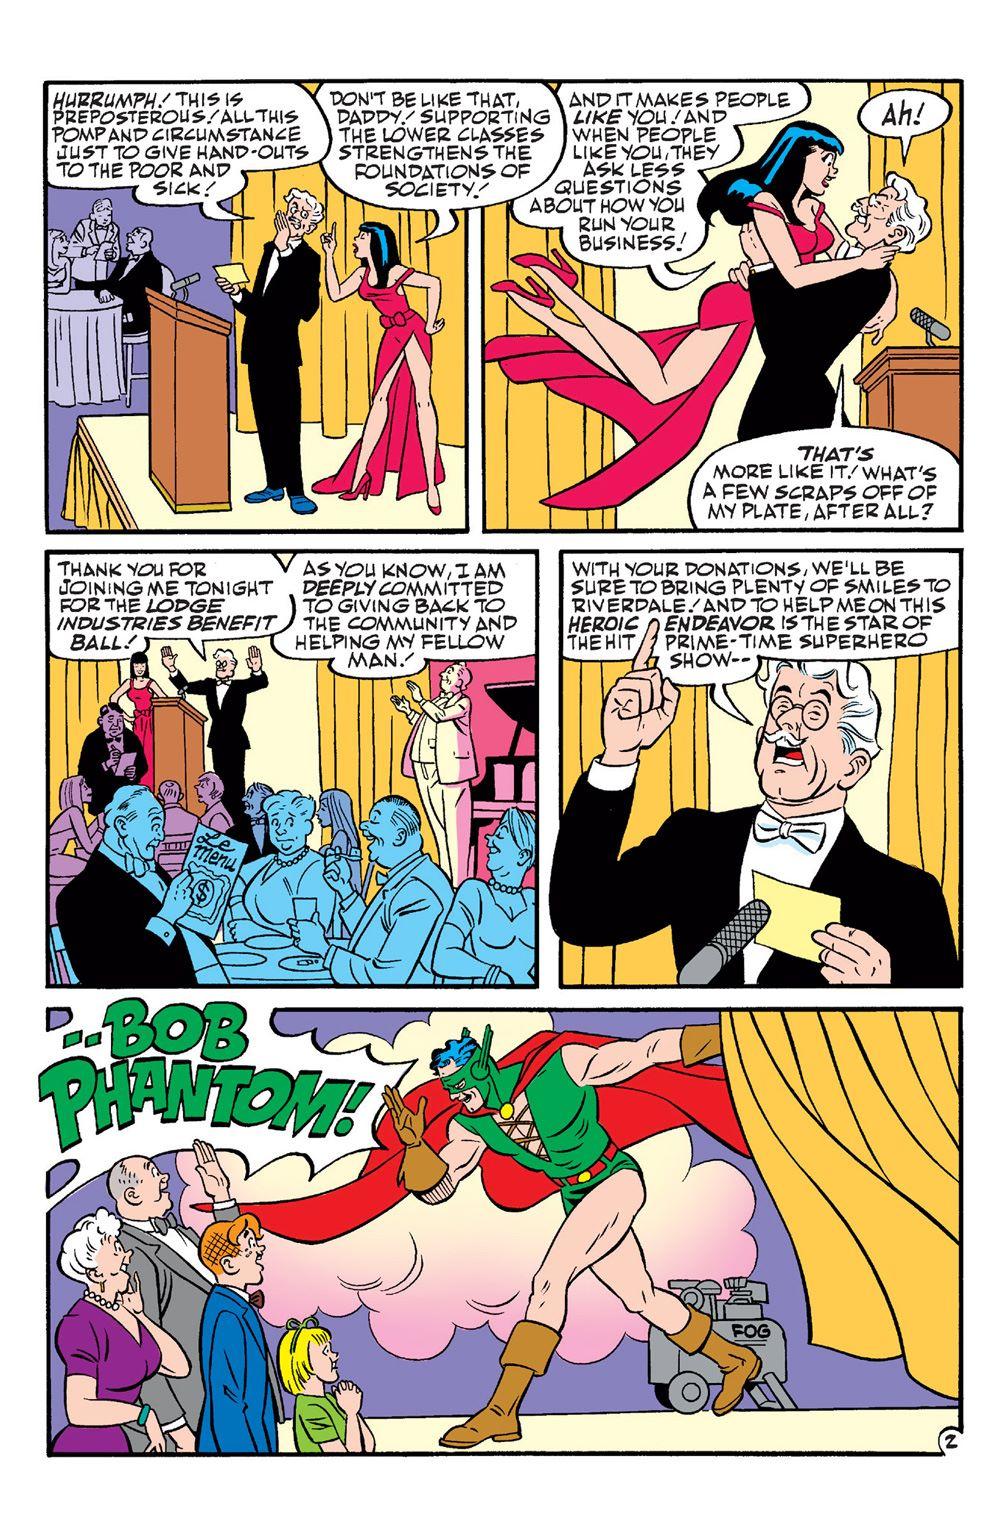 ArchieAndFriends_Superheroes-4 ComicList Previews: ARCHIE AND FRIENDS SUPERHEROES #1